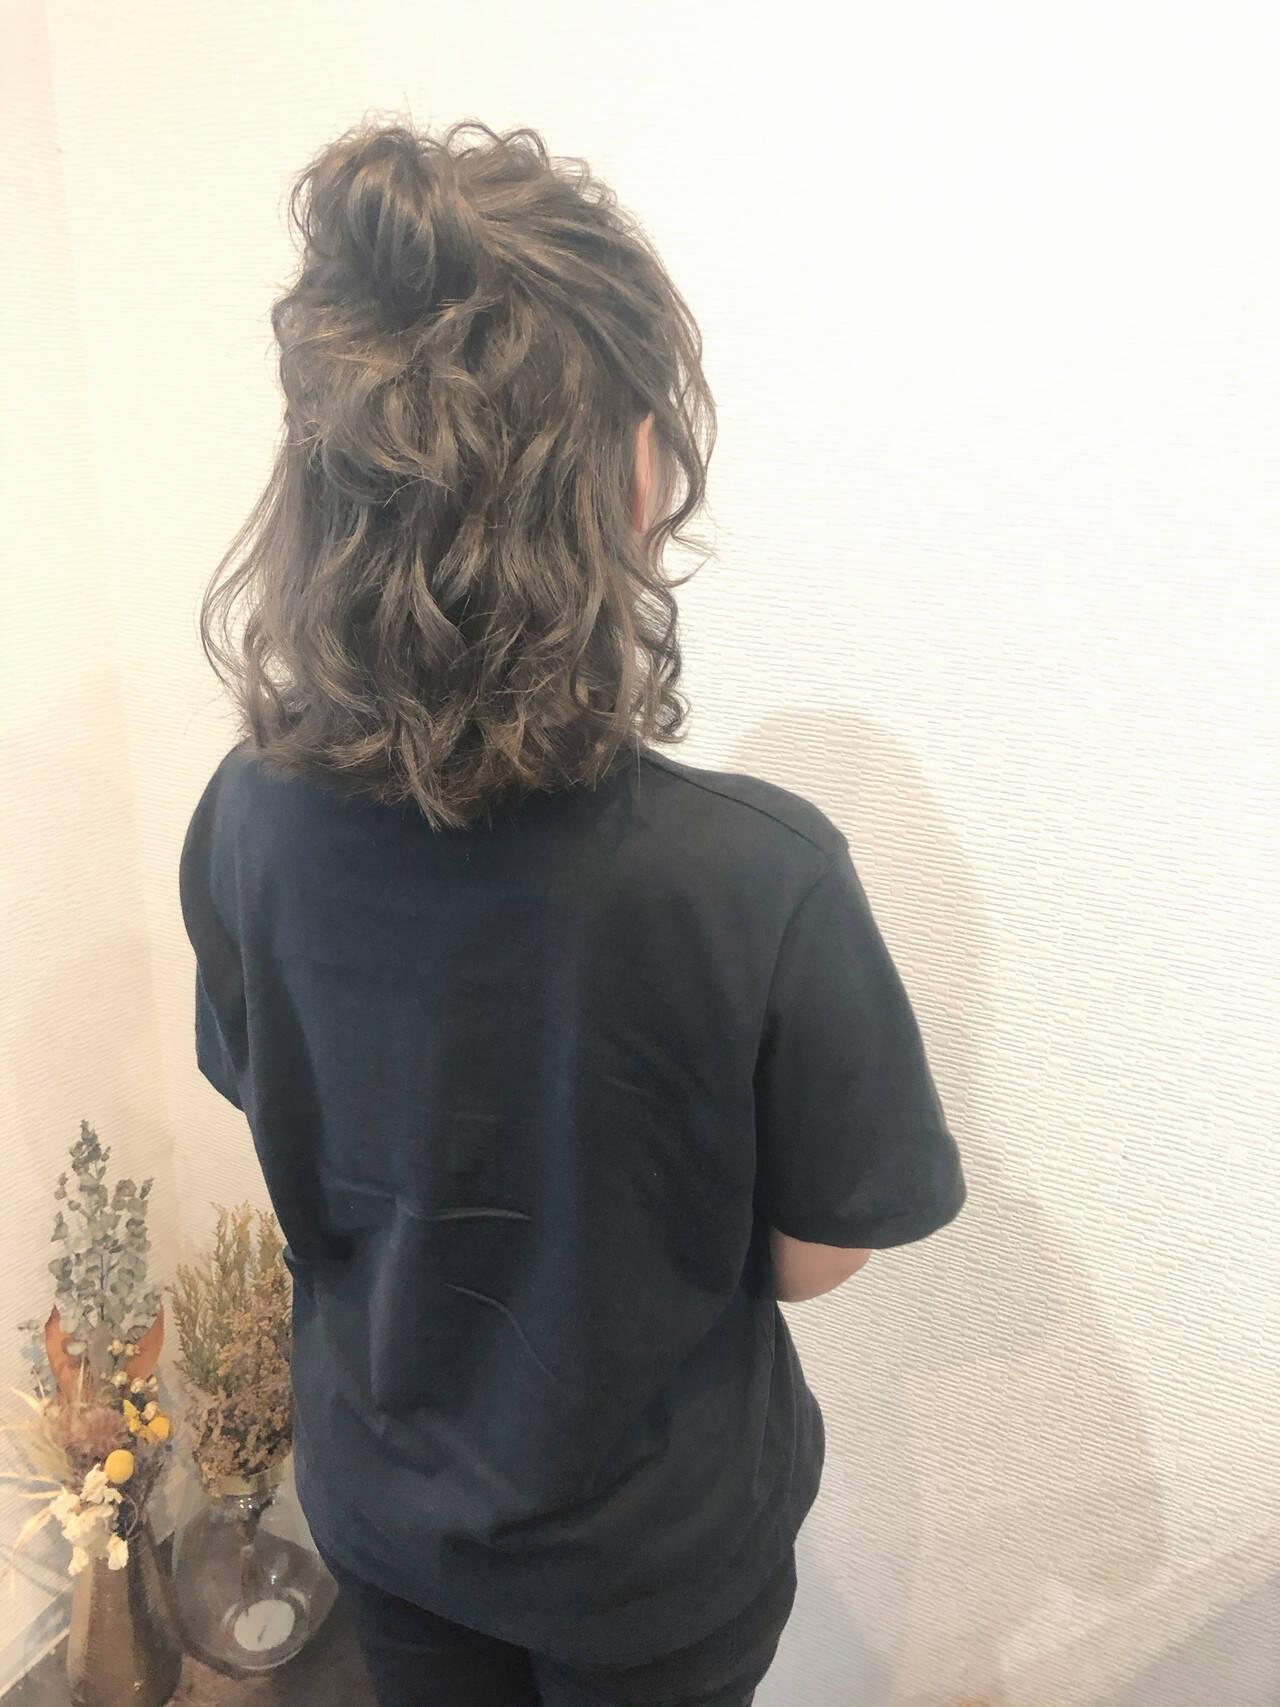 フェミニン お団子アレンジ ハーフアップ ヘアアレンジヘアスタイルや髪型の写真・画像